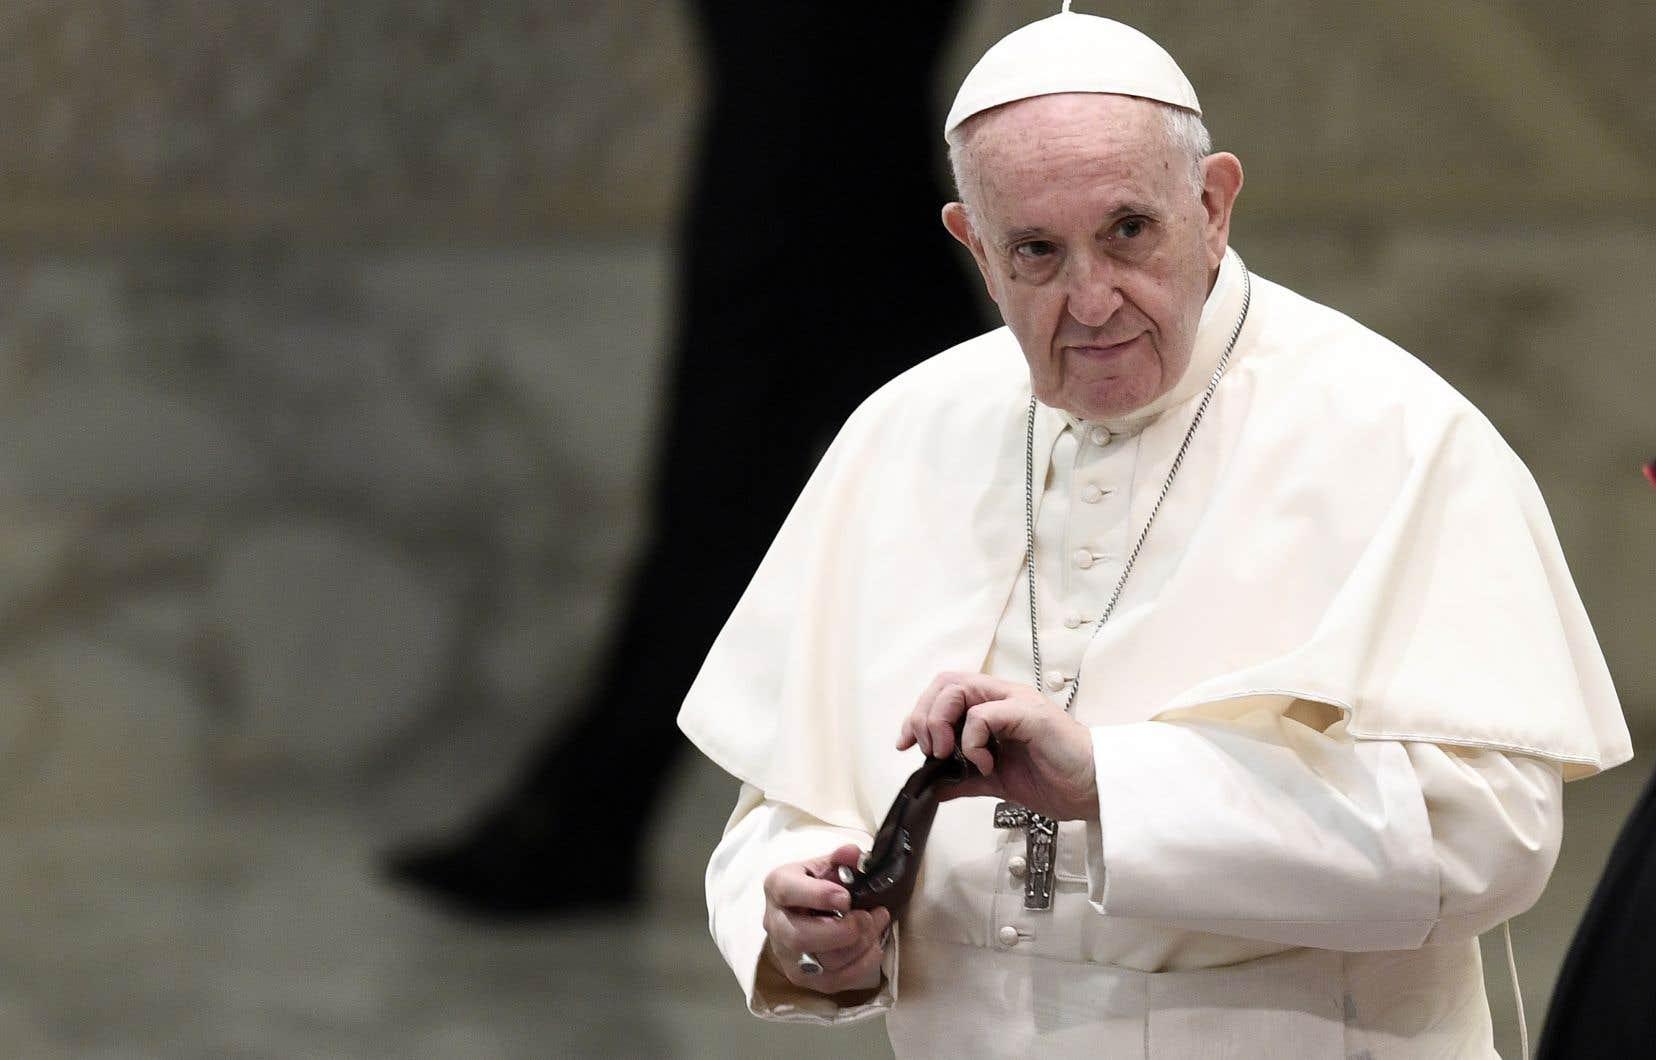 Le pape François a assuré qu'il était du côté des victimes.